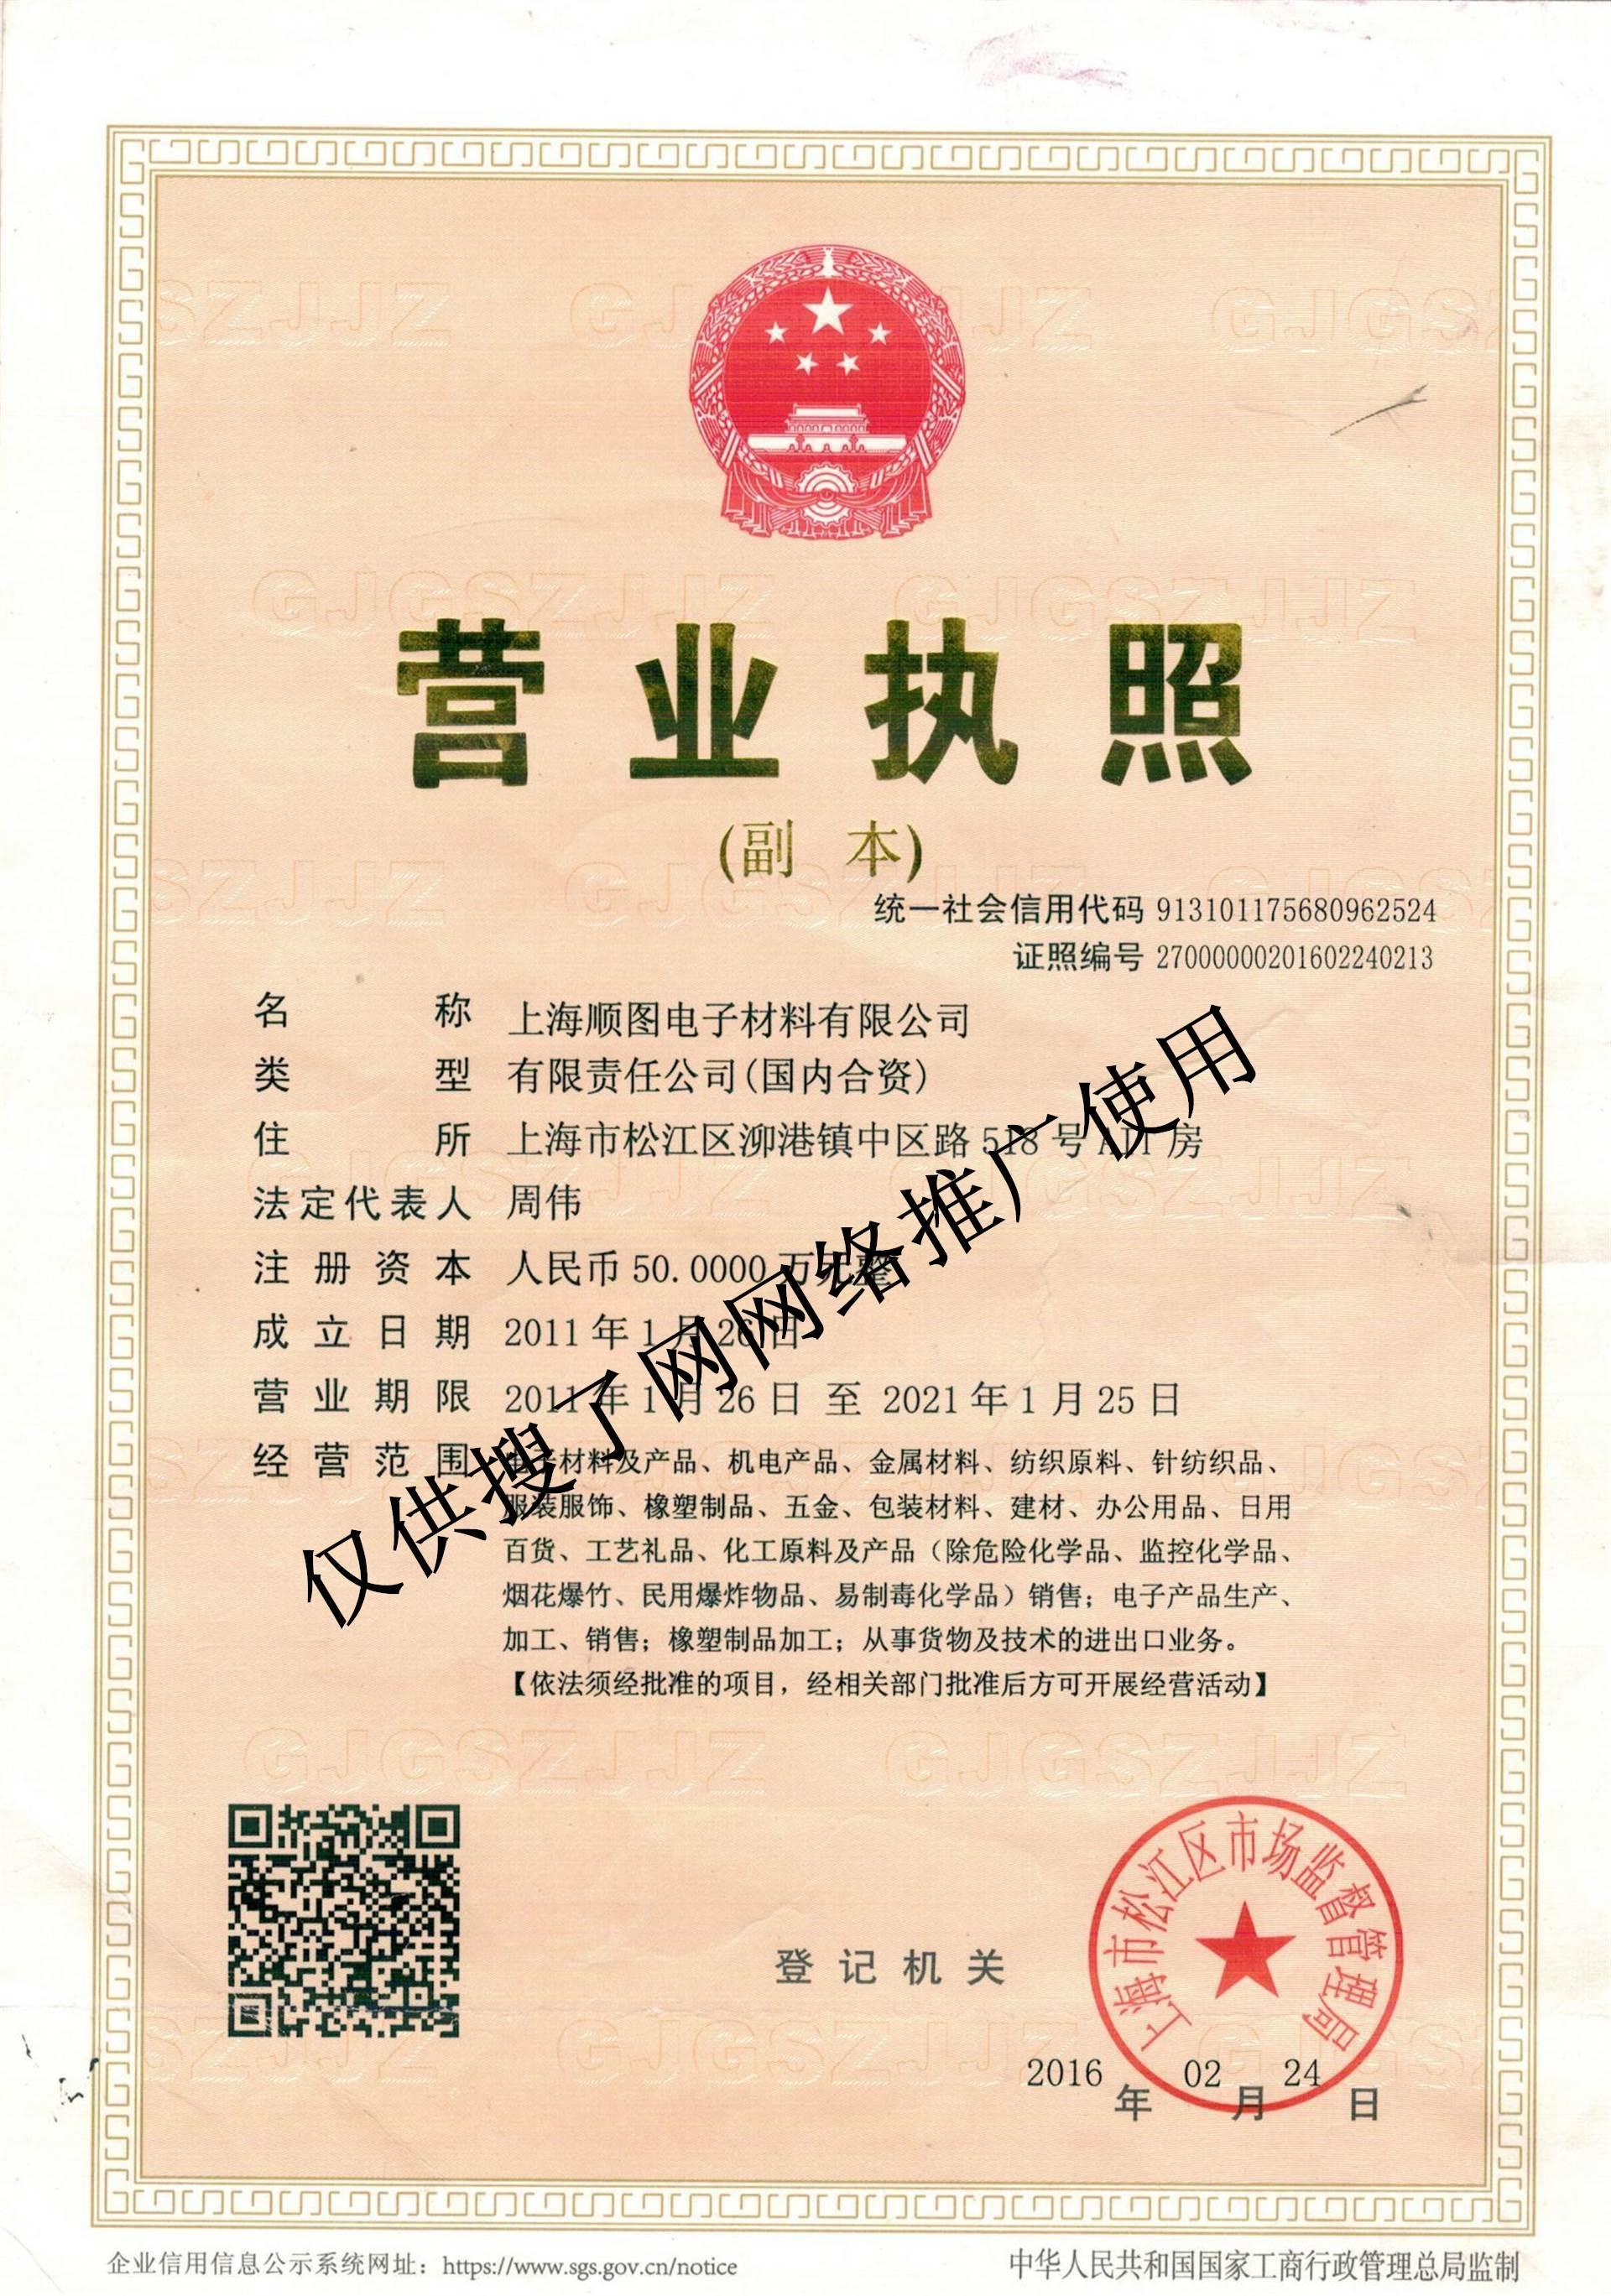 上海顺图电子材料有限公司